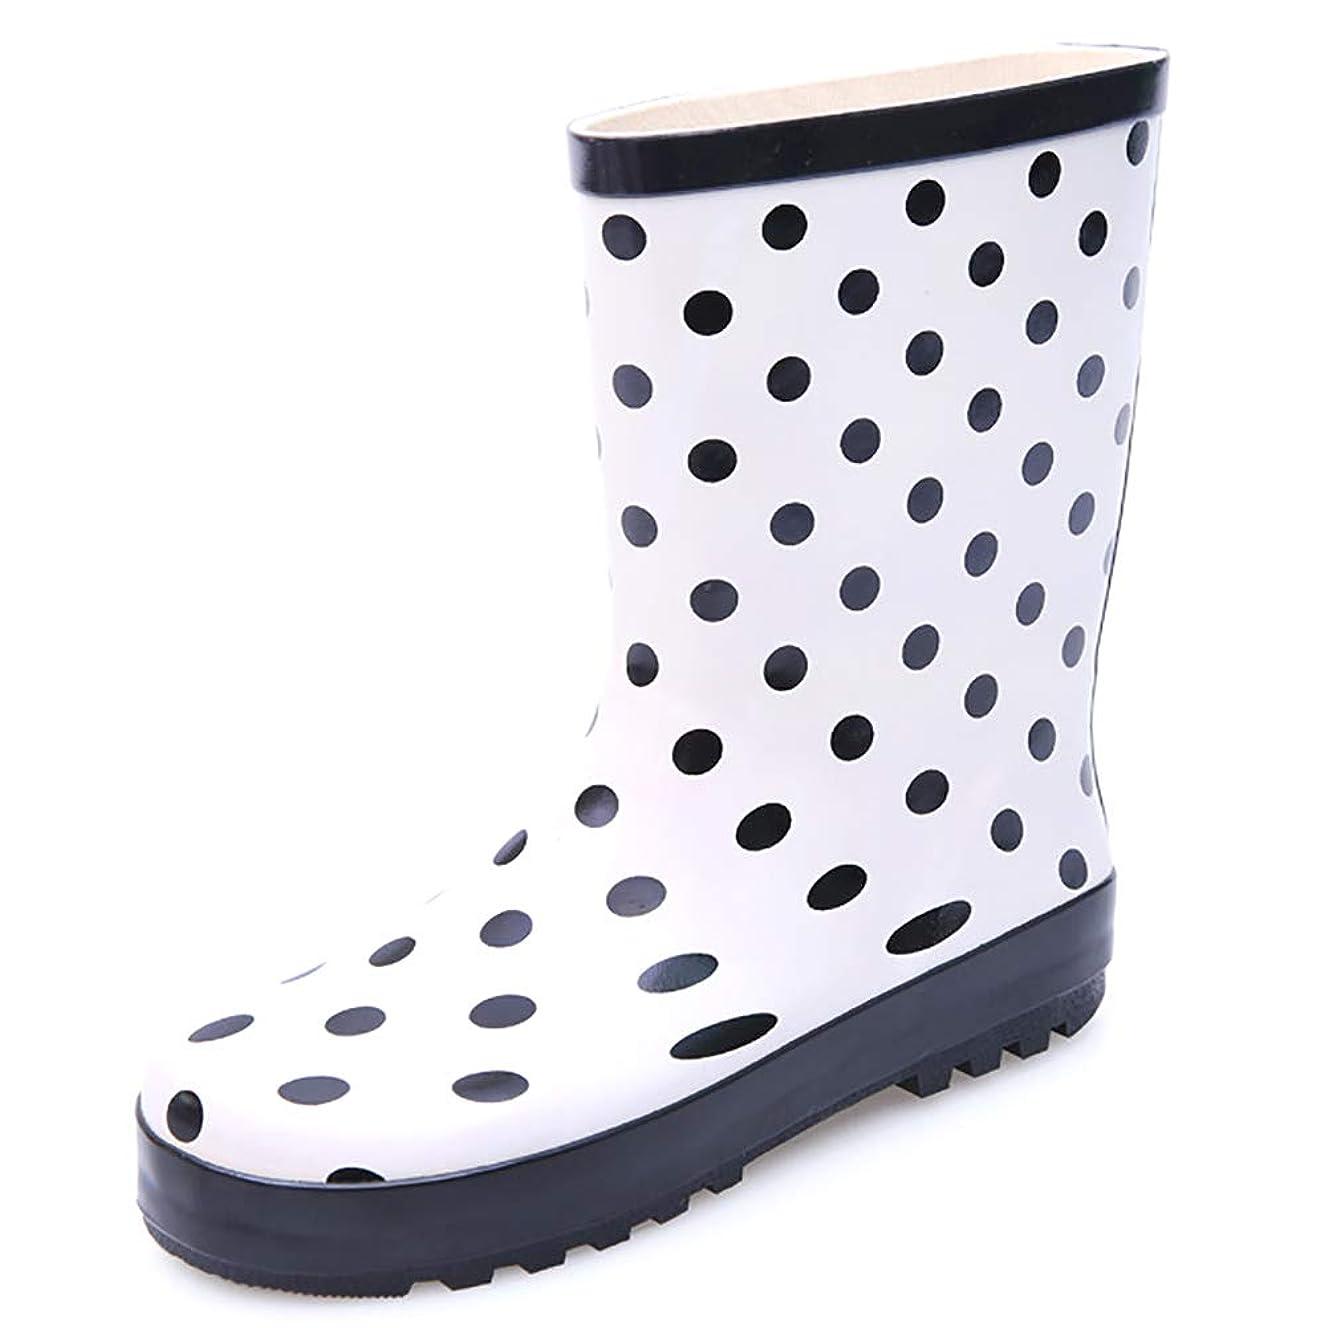 ベンチ辞任するコレクション[Stylein] レインシューズ レインブーツ レディース 雨靴 黒い丸 ミドル丈 可愛い おしゃれ 滑り止め 歩きやすい 完全防水 梅雨対策